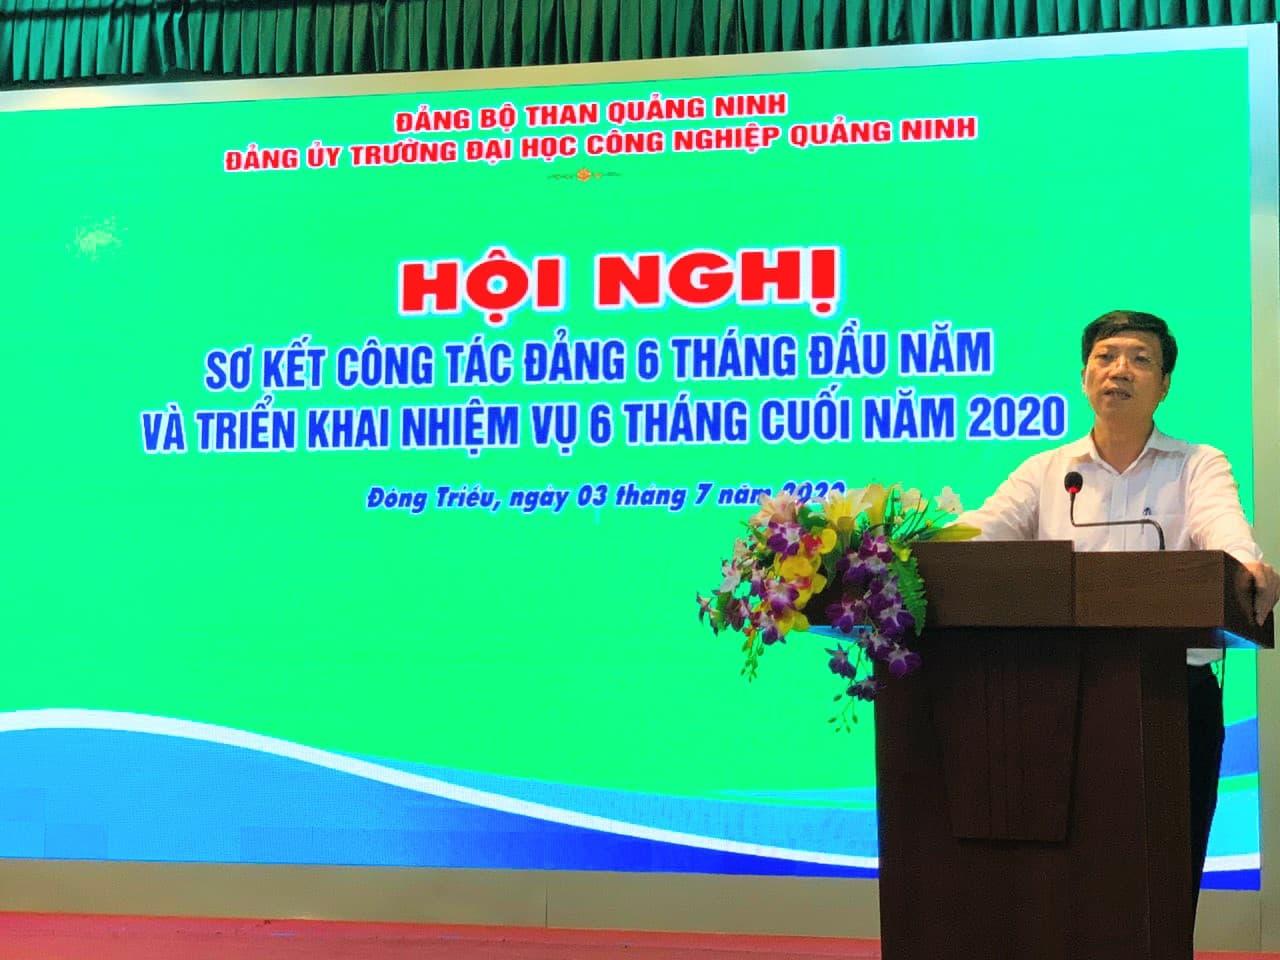 Đ/c Lã Tuấn Quỳnh - UV BTV, Chủ nhiệm UBKT Đảng bộ than Quảng Ninh phát biểu chỉ đạo hội nghị